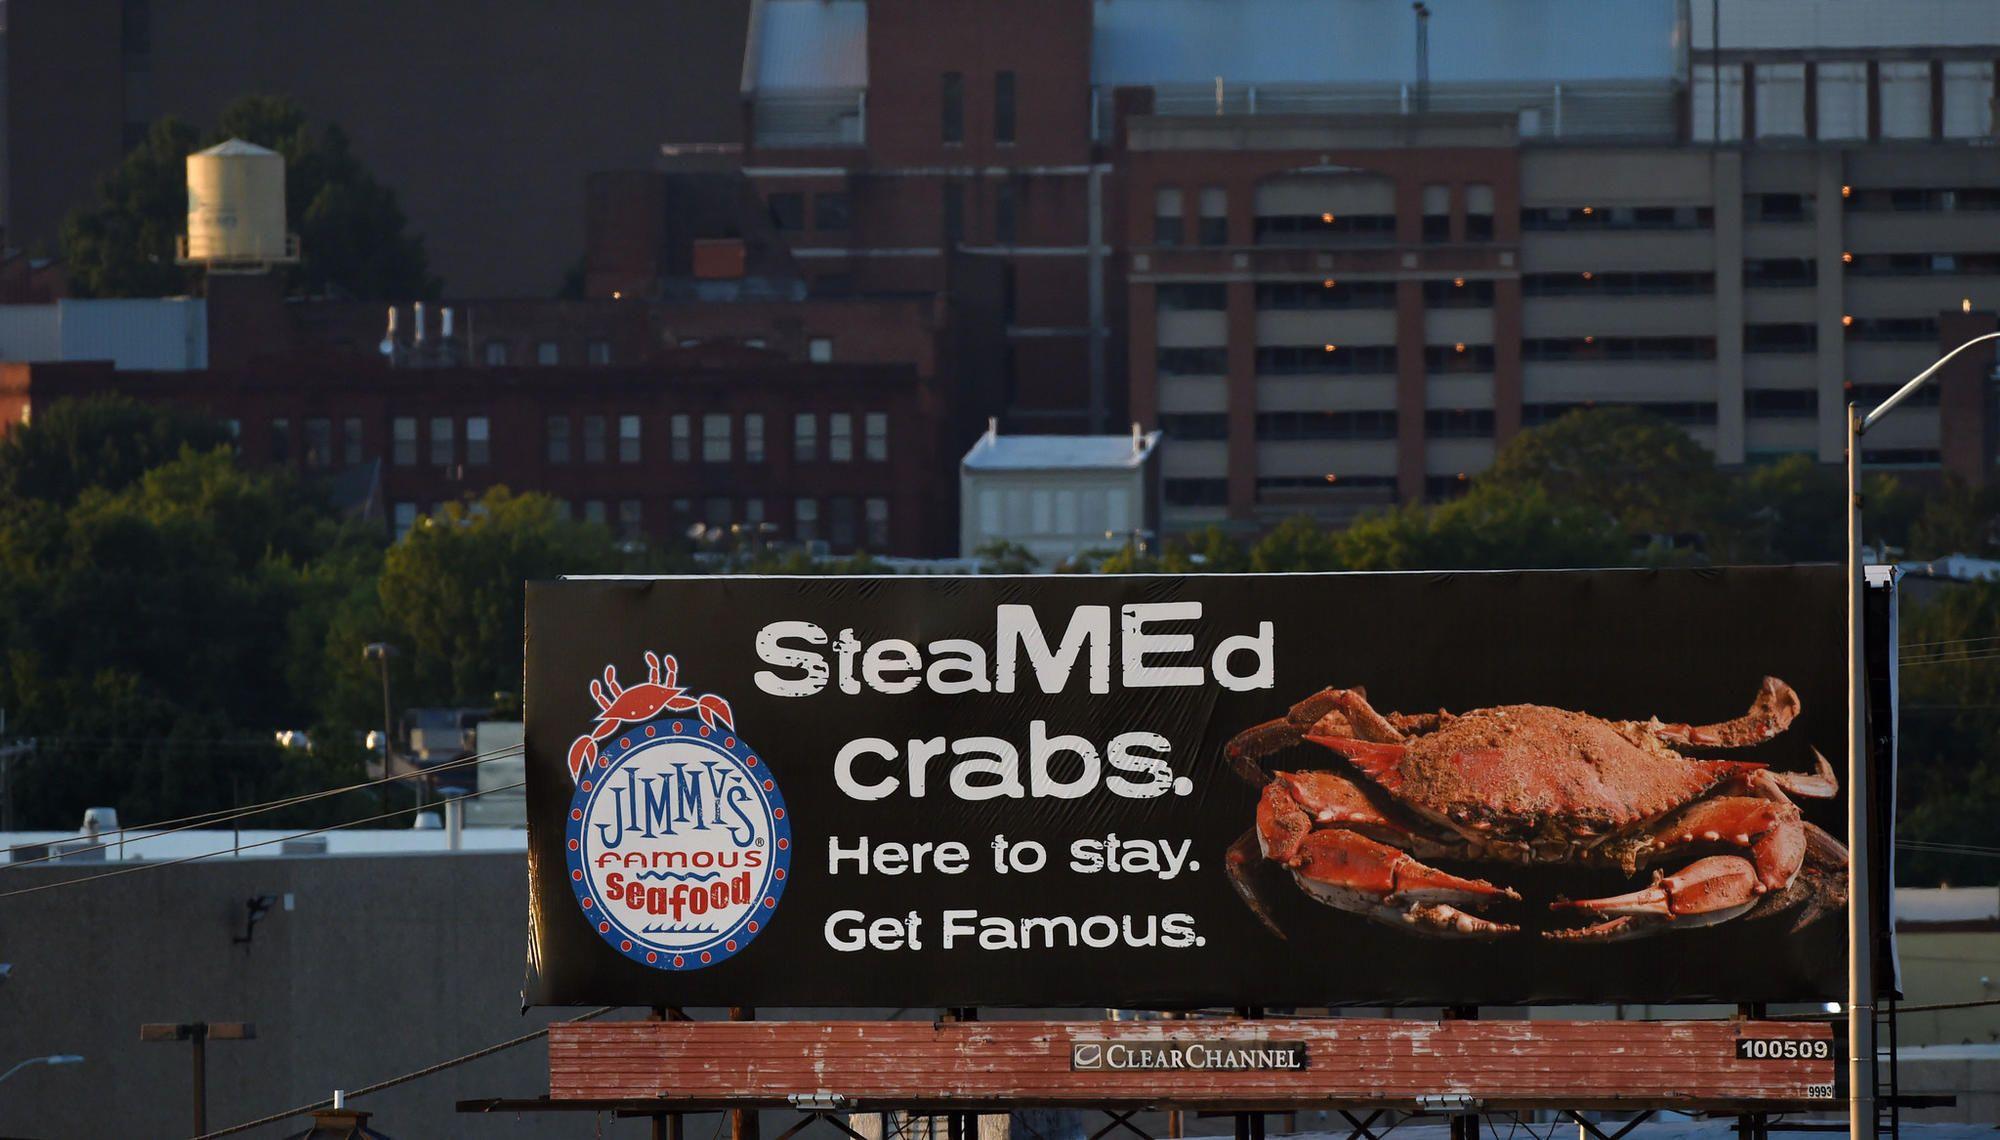 Billboard Peta Shellfish Meme Crab Funnypictures Wwwpicturesbosscom